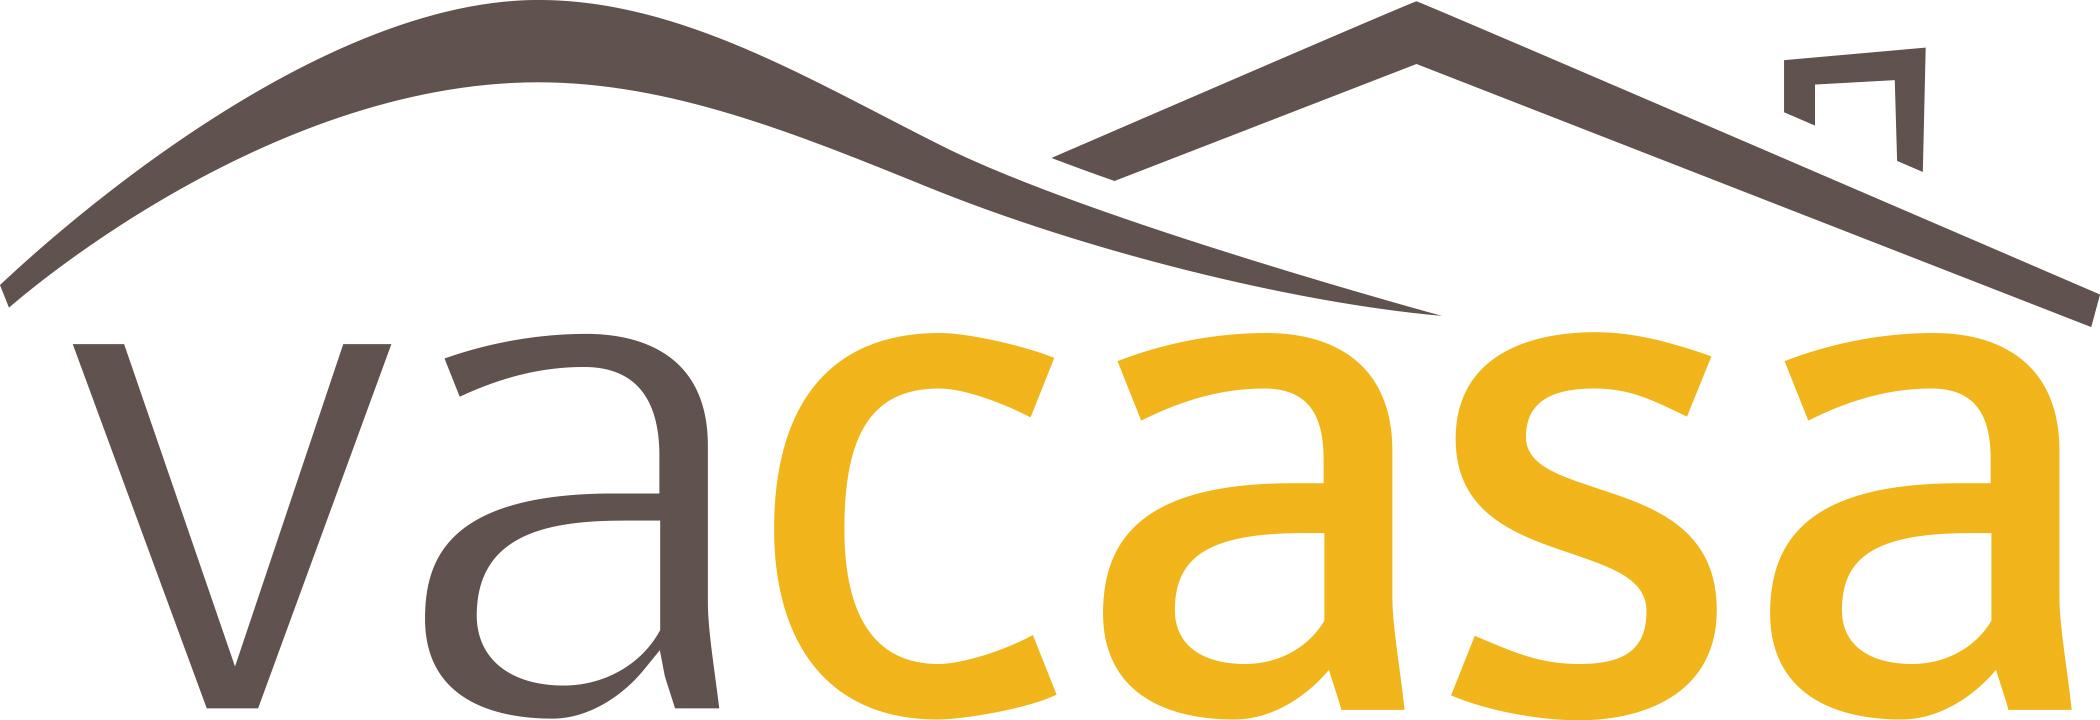 Vacasa Joins Airbnb, Expedia, Marriott International, Delta.